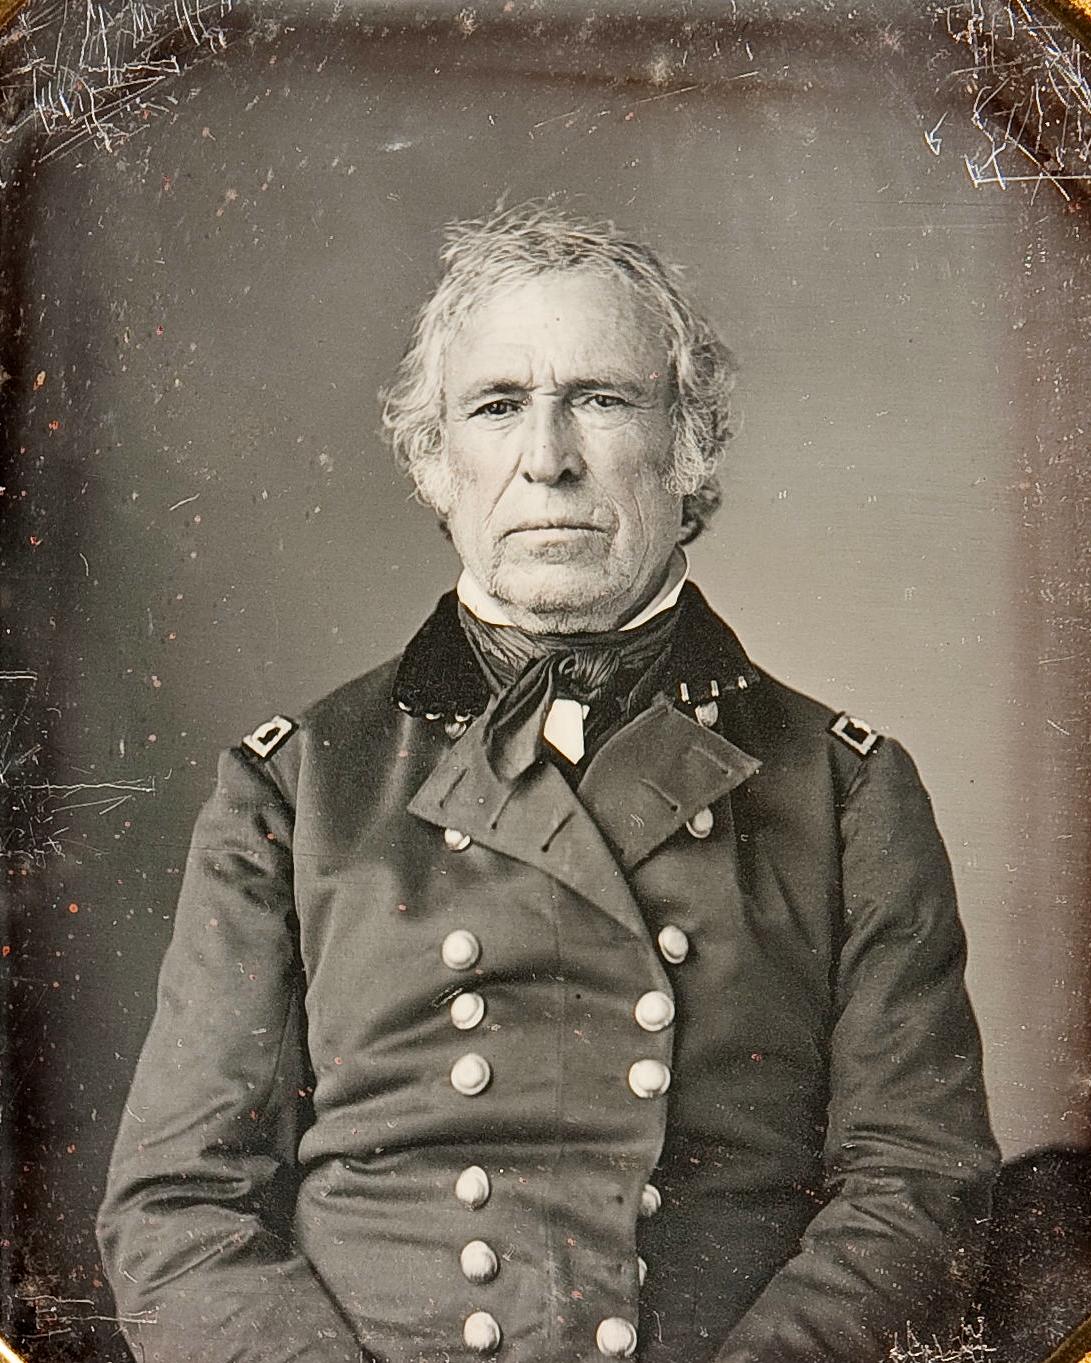 Закари Тейлор, 12-й президент США, дагерротип 1843 года.